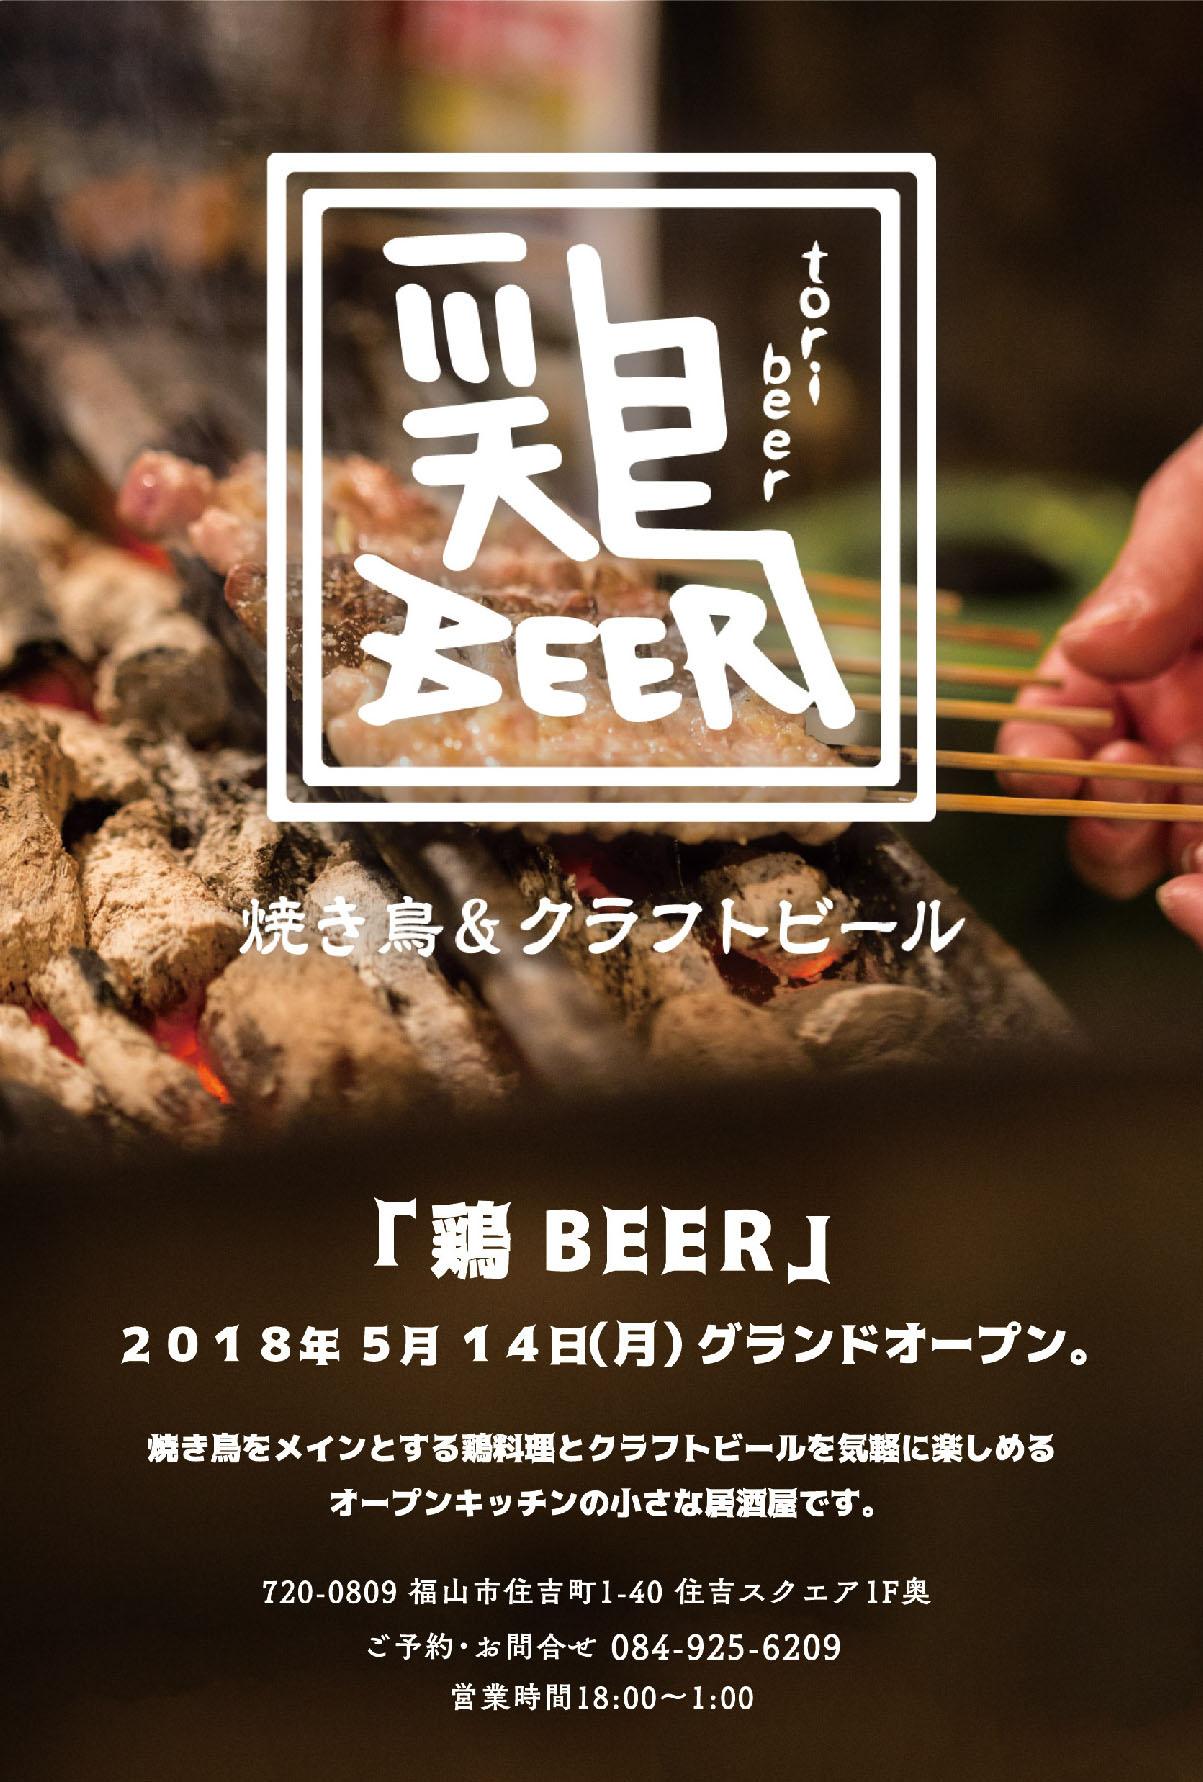 焼き鳥&クラフトビール 鶏BEER 焼き鳥をメインとする鶏料理とクラフトビールを気軽に楽しめるオープンキッチンの小さな居酒屋です